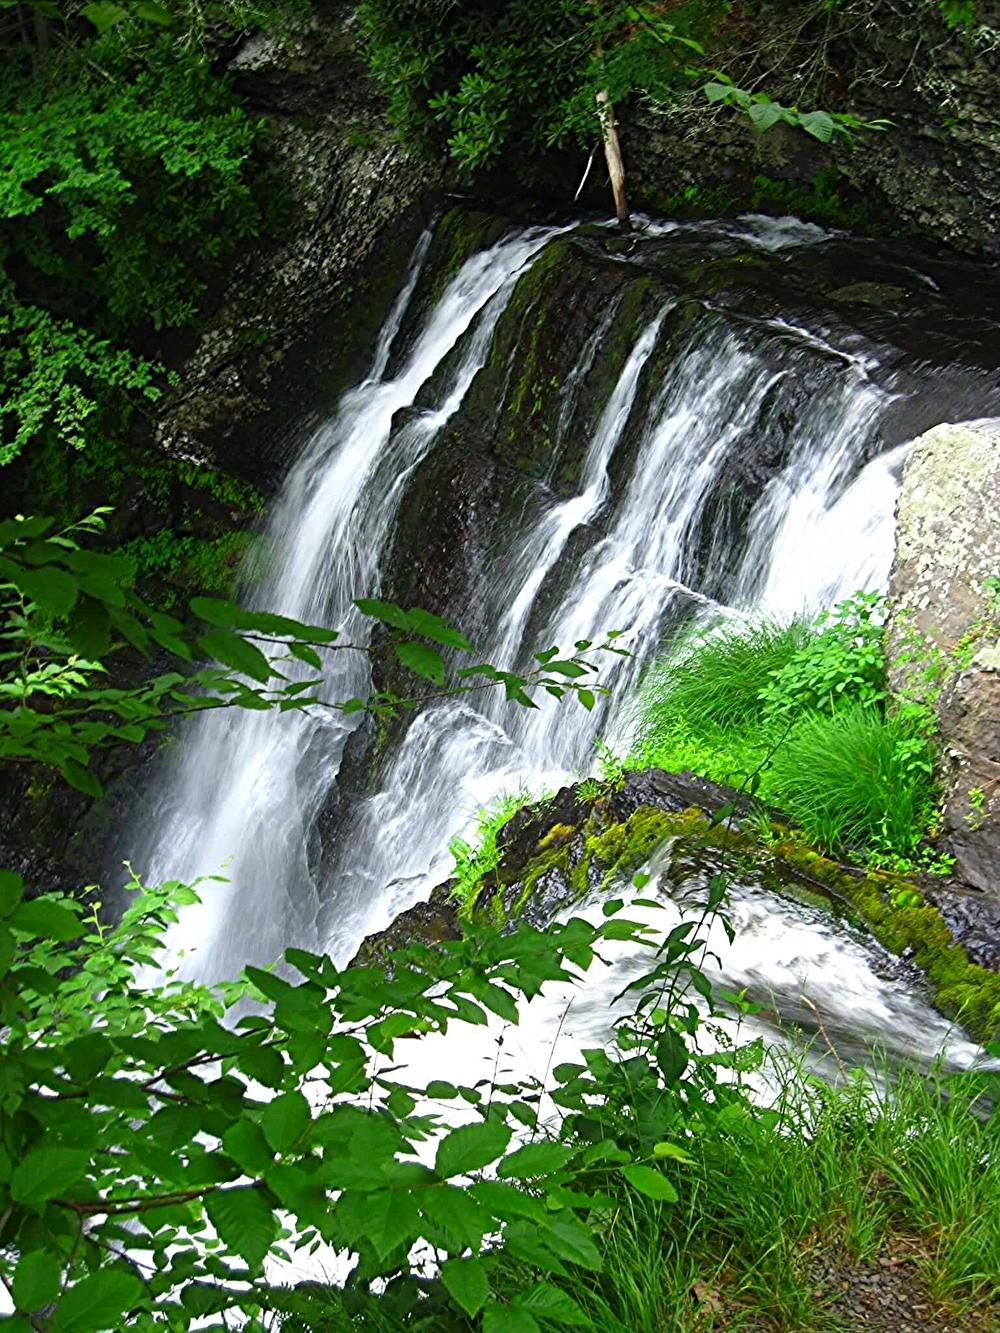 Delaware Water Gap, Appalachian Trail, Pennsylvania, June 2010.